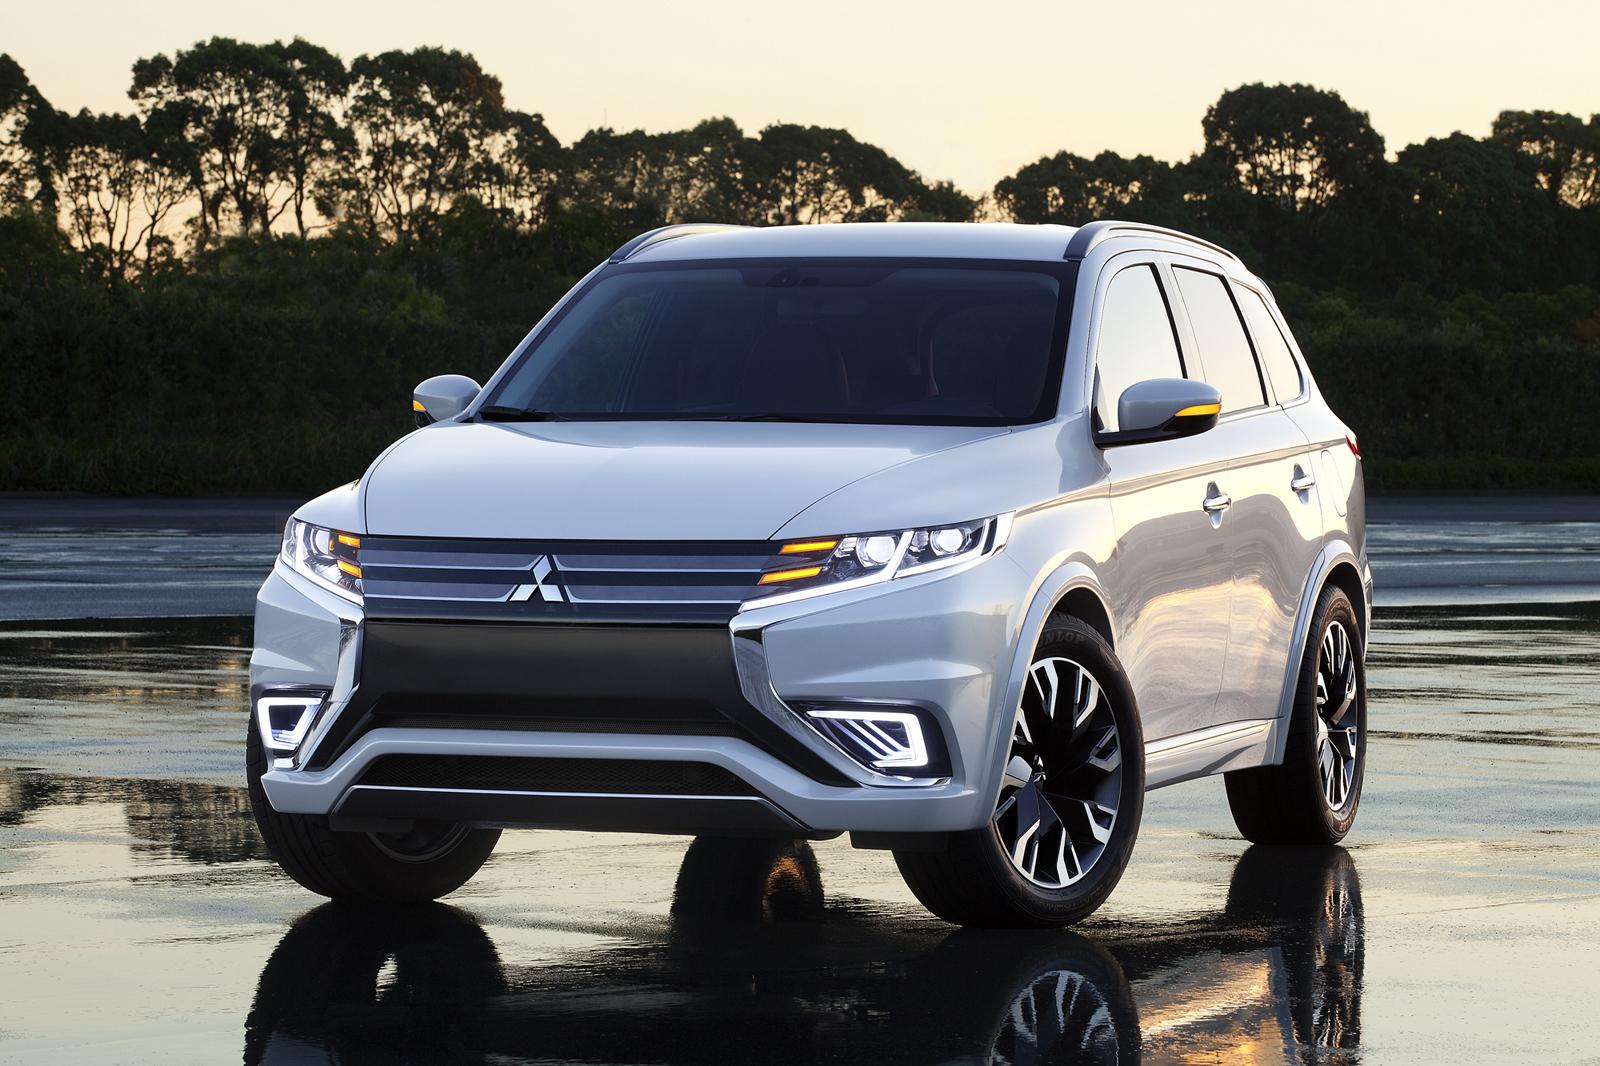 Mitsubishi Outlander PHEV Concept S sẽ tham dự triển lãm xe hơi Paris 2014